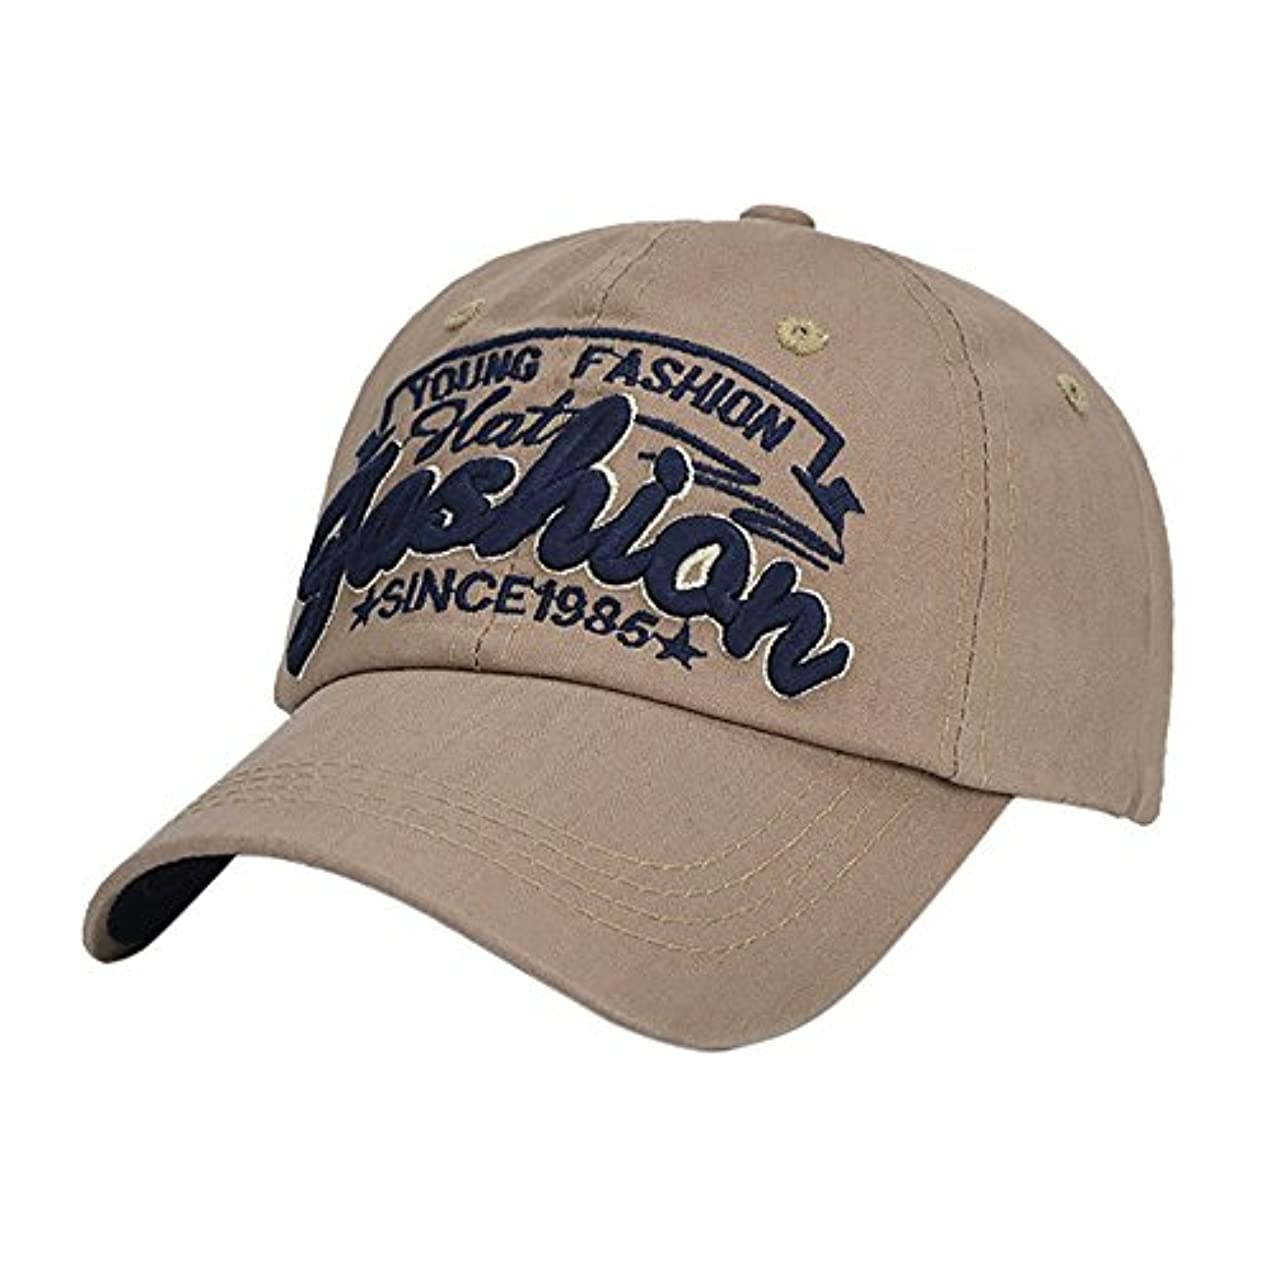 固めるミニパートナーRacazing Cap ヒップホップ 野球帽 ストリートダンス 夏 登山 通気性のある 帽子 パール ビーディング 可調整可能 日焼け止め 棒球帽 UV 帽子 軽量 屋外 女性向 Hat (コーヒー)